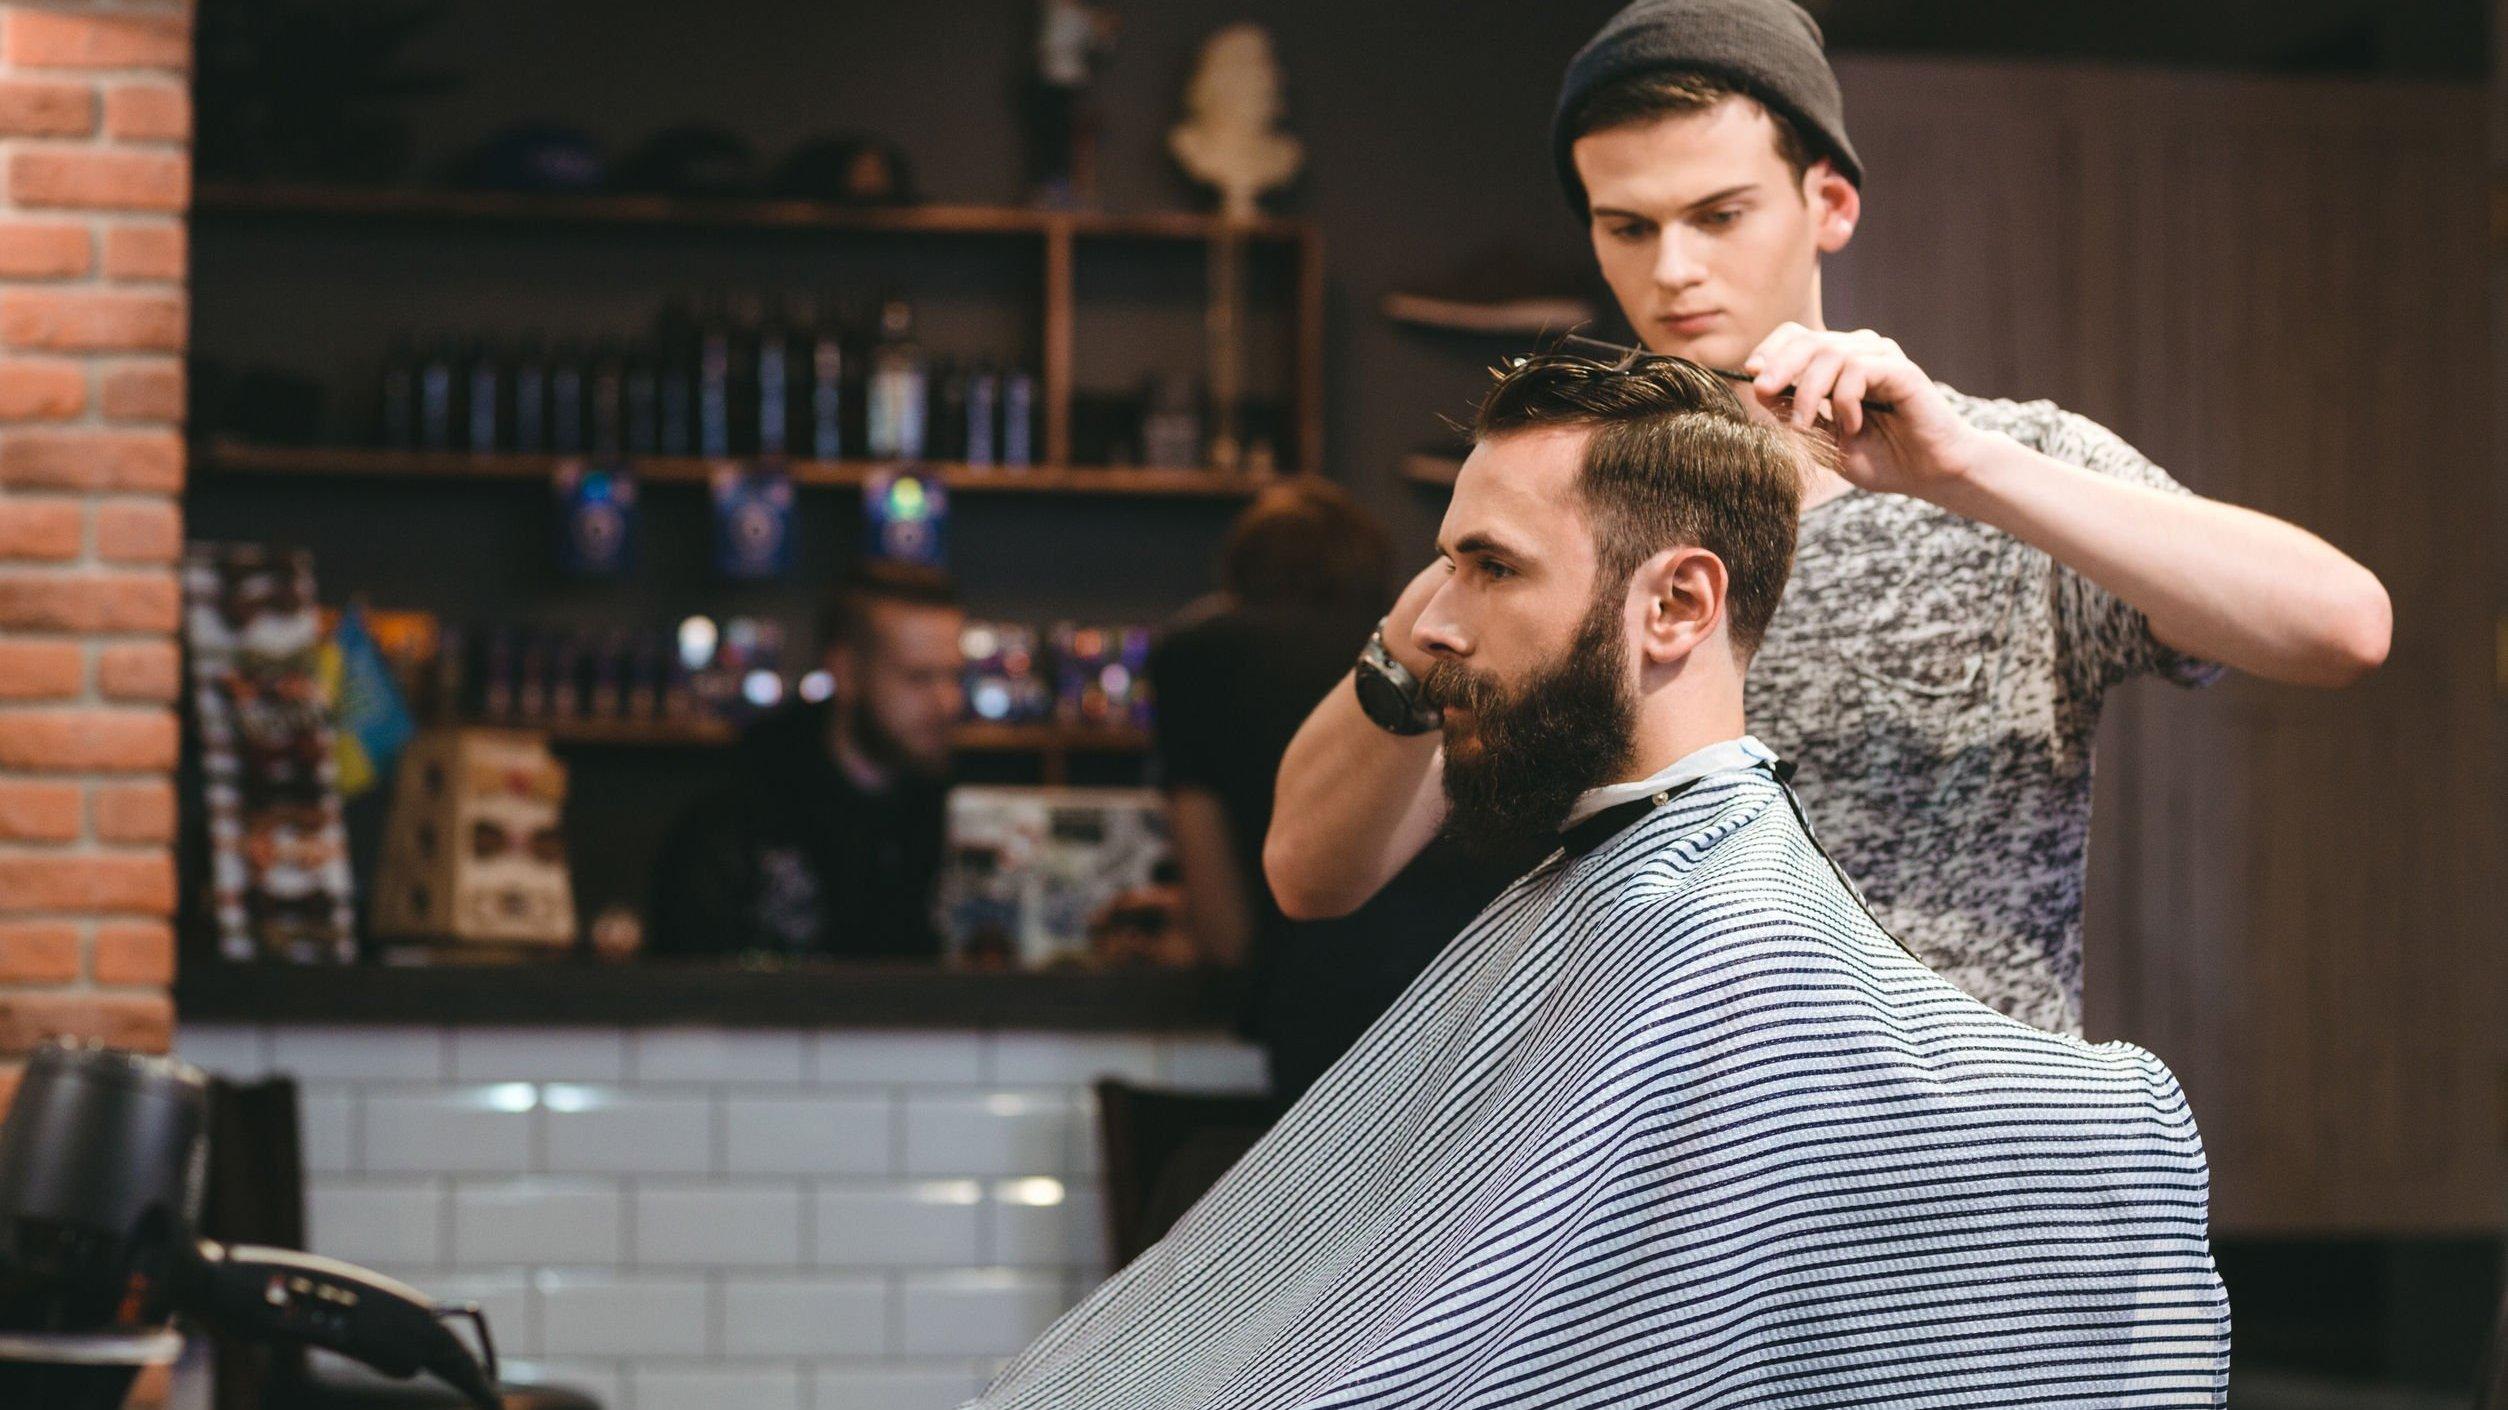 Cabeleireiro cortando cabelo de cliente sentado em cadeira.